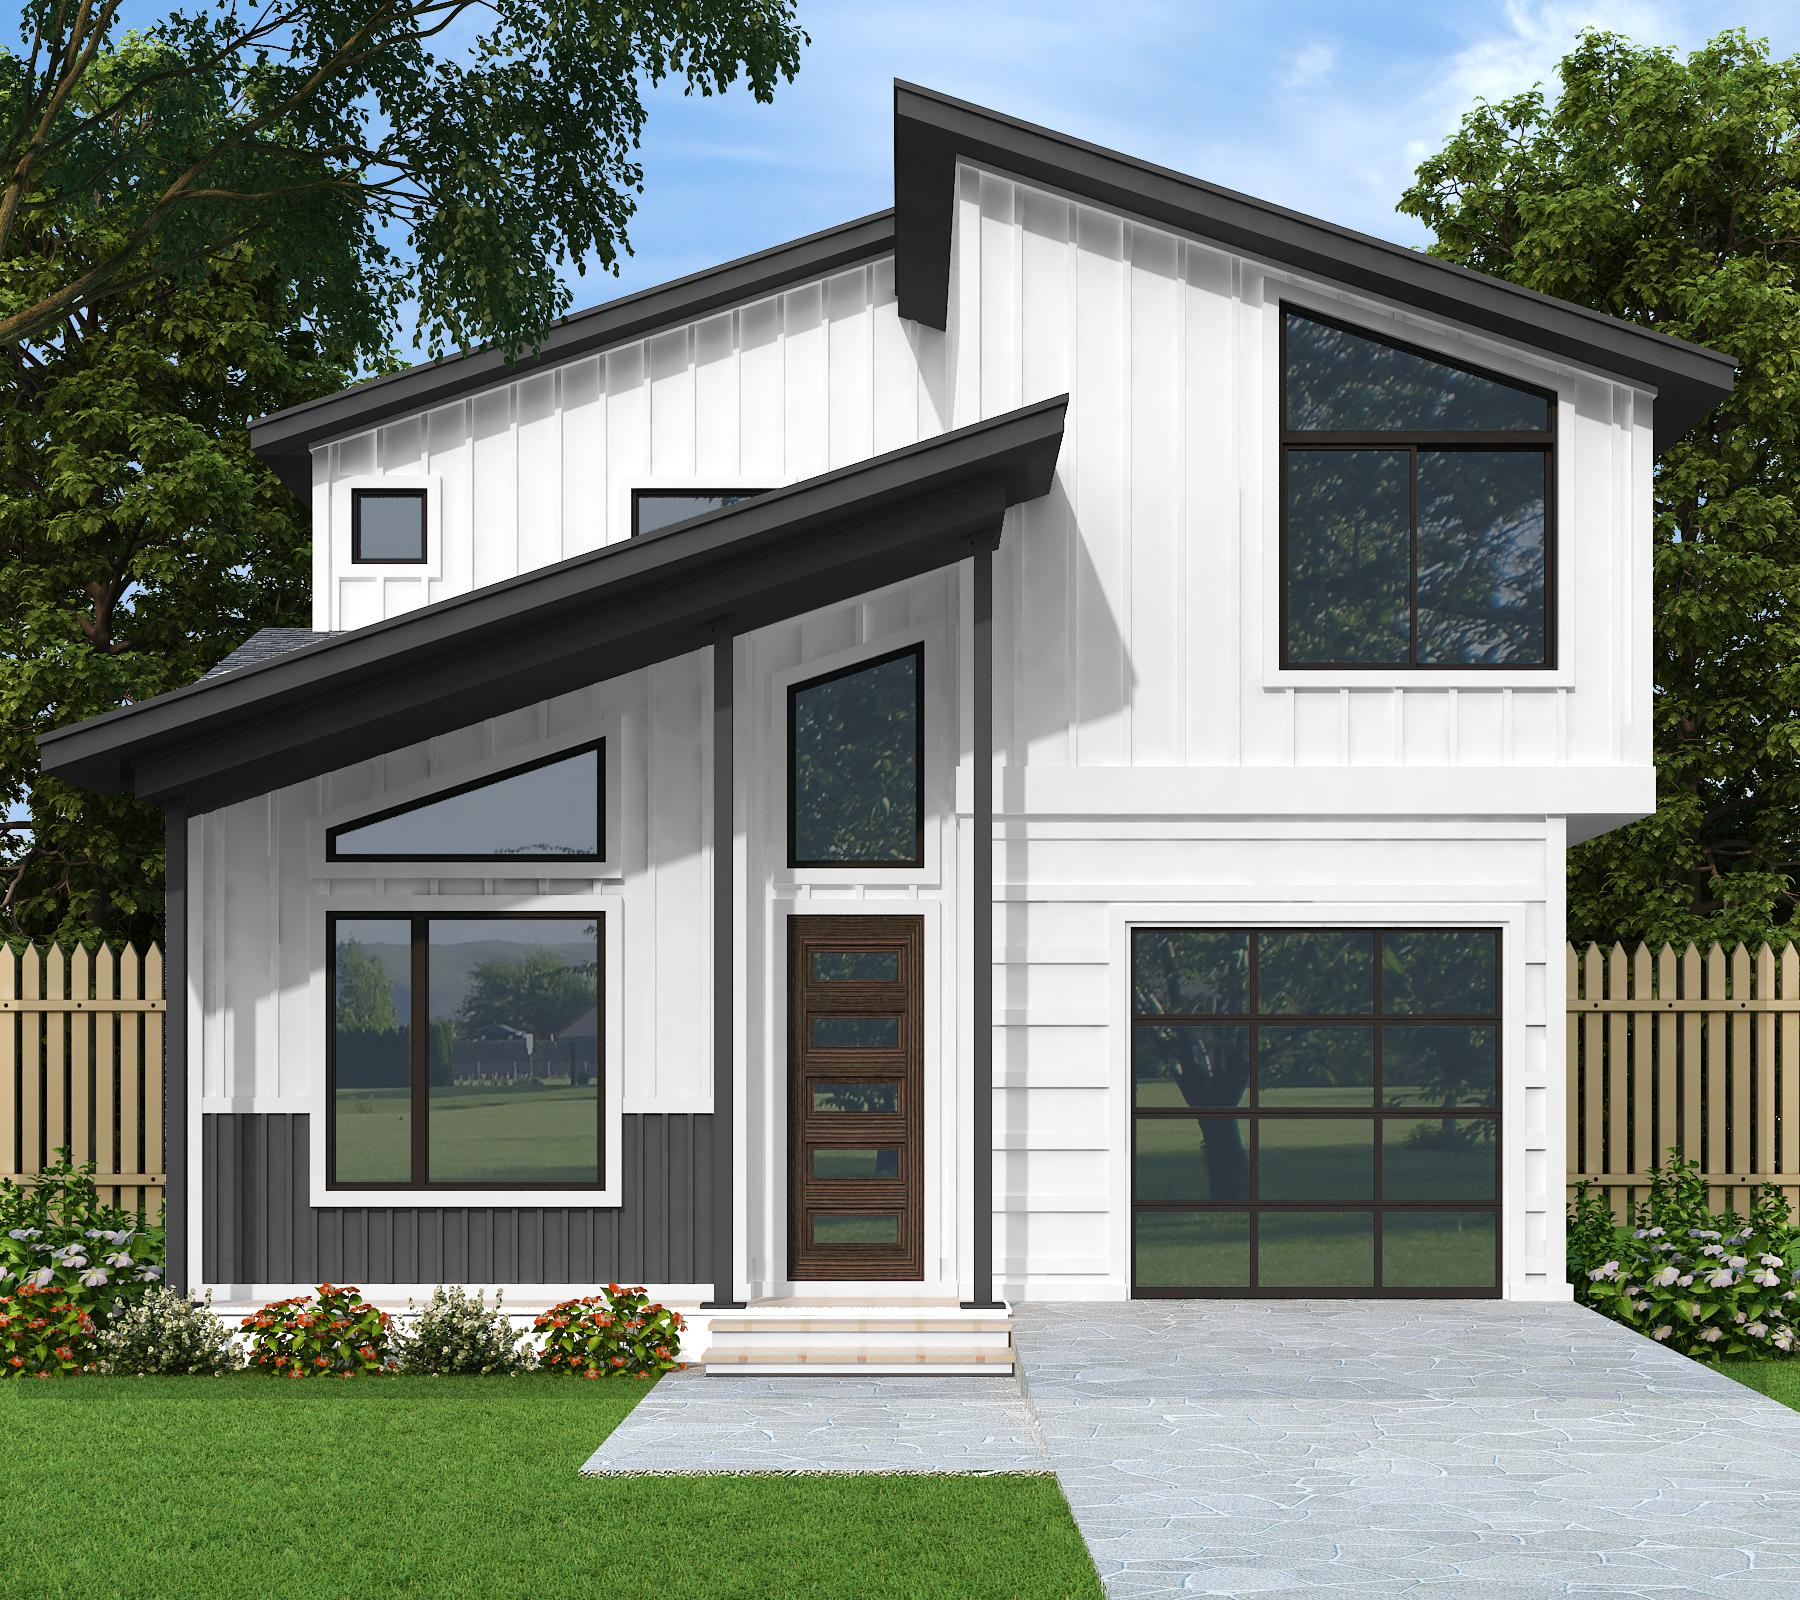 409 Delmar Building 1 - $525,000 - 3 Bed 2.5 Bath 1,820 SqFt